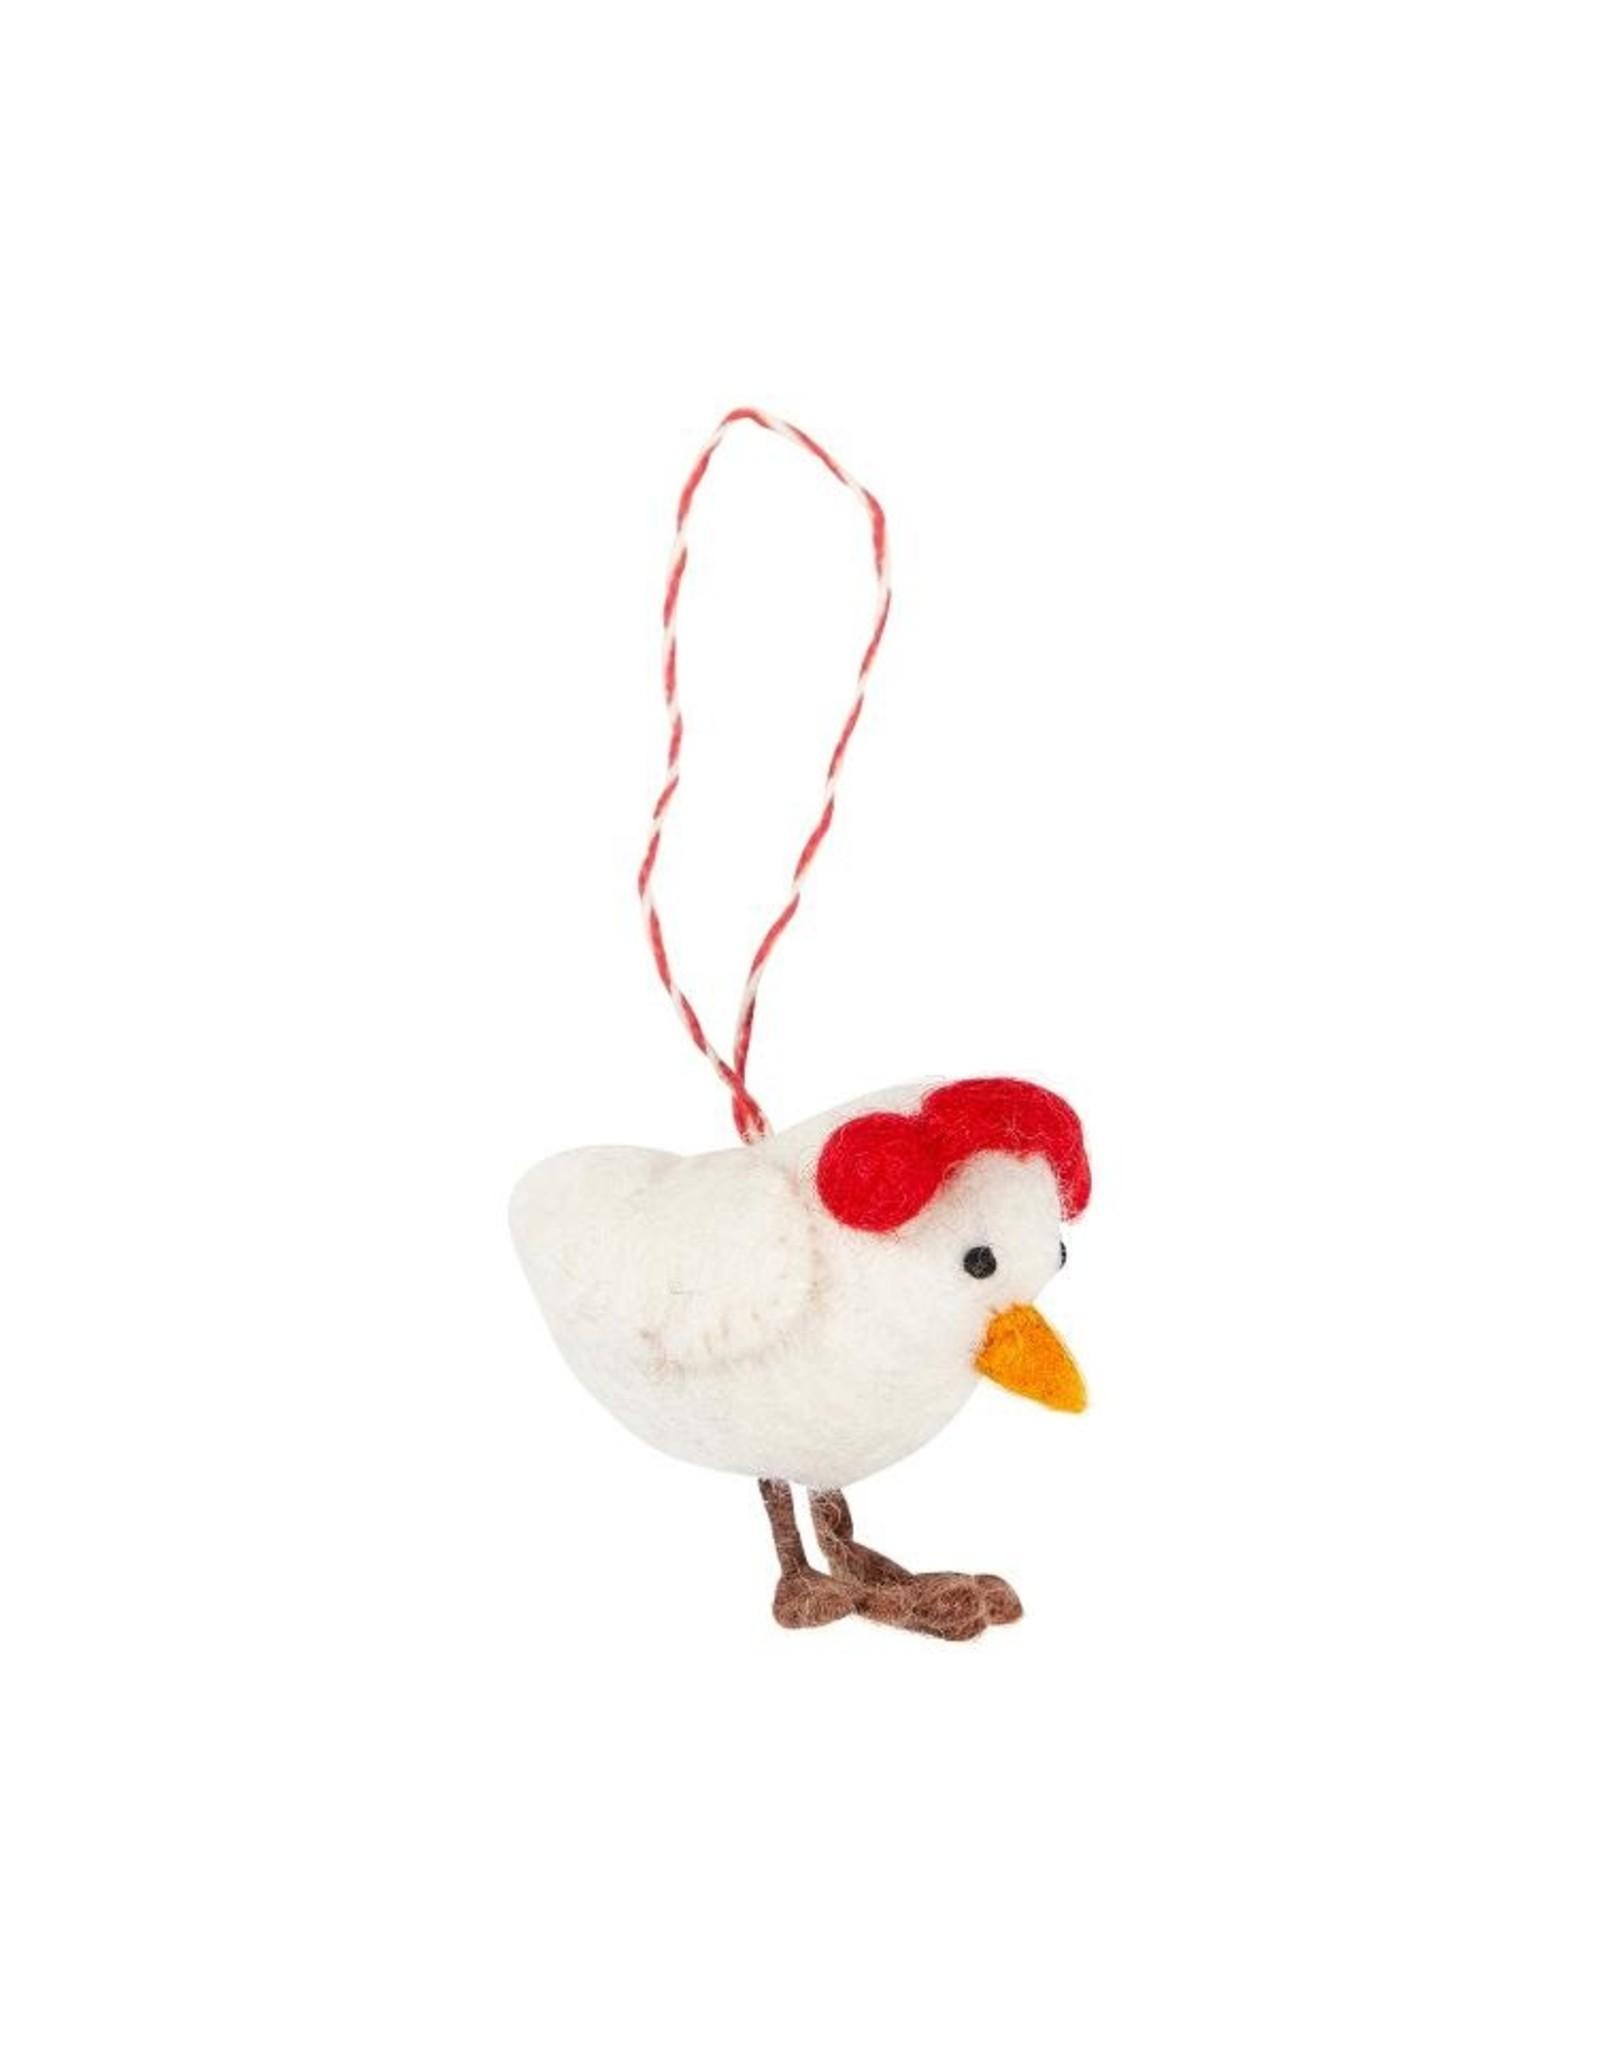 Filzhänger Earlap Chicken 100%Wolle gefilzt